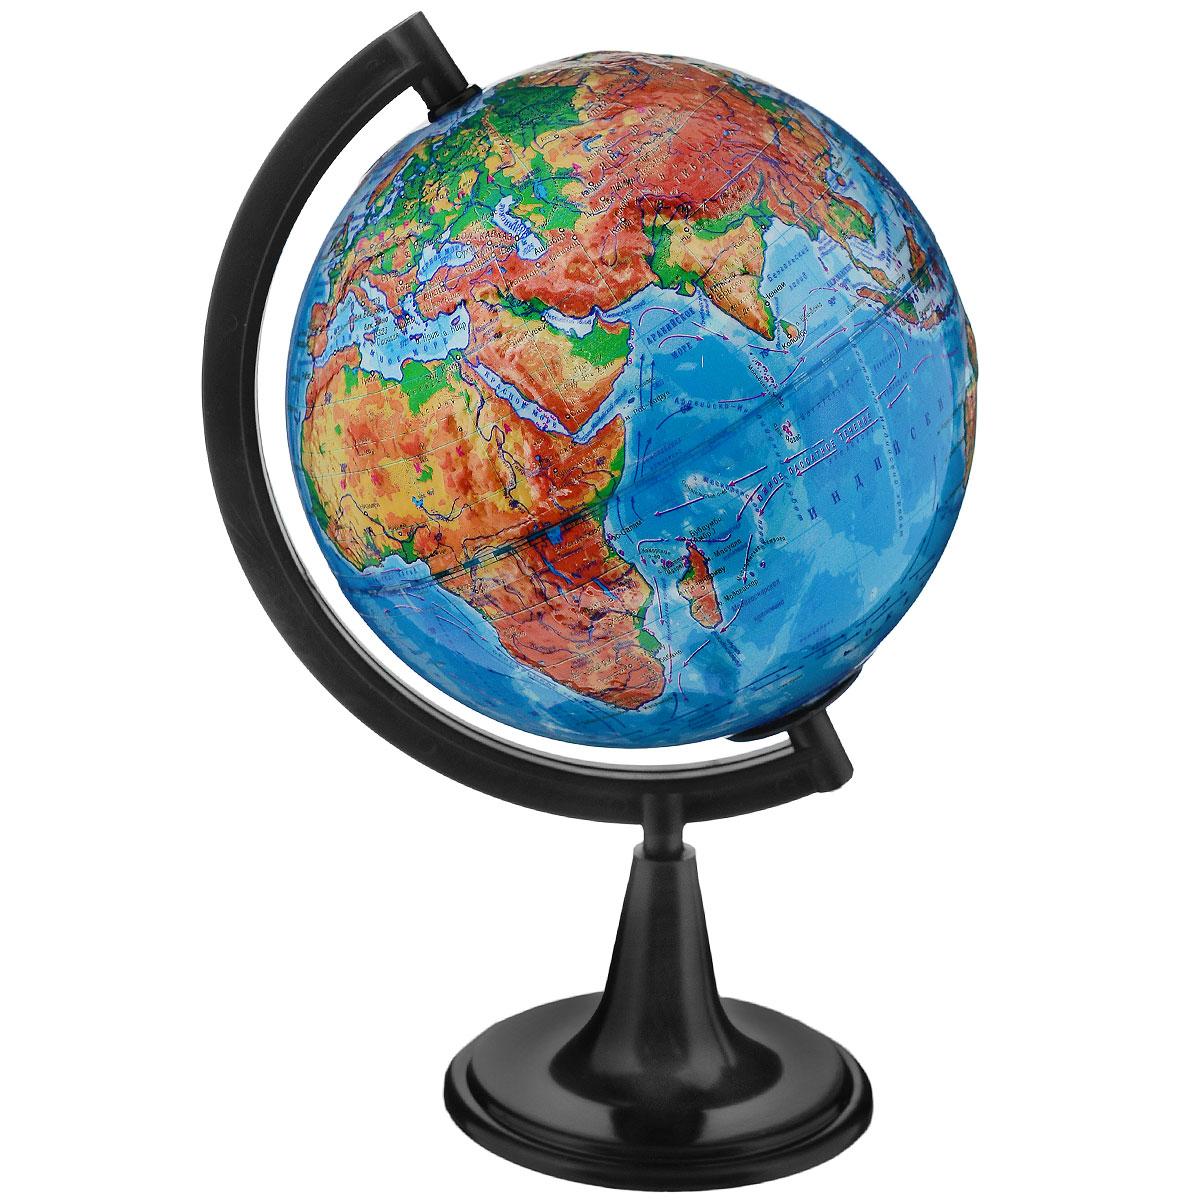 Глобусный мир Глобус с физической картой, рельефный, диаметр 15 см, на подставке, с подсветкойFS-00897Географический глобус рельефный с физической картой мира станет незаменимым атрибутом обучения не только школьника, но и студента. На глобусе отображены линии картографической сетки, гидрографическая сеть, рельеф суши и морского дна, крупнейшие населенные пункты, теплые и холодные течения. Глобус снабжен меридианом с градусными отметками, а также имеет функцию подсветки от электрической сети.Глобус является уменьшенной и практически не искаженной моделью Земли и предназначен для использования в качестве наглядного картографического пособия, а также для украшения интерьера квартир, кабинетов и офисов. Красочность, повышенная наглядность визуального восприятия взаимосвязей, отображенных на глобусе объектов и явлений, в сочетании с простотой выполнения по нему различных измерений делают глобус доступным широкому кругу потребителей для получения разнообразной познавательной, научной и справочной информации о Земле. Глобус на оригинальной пластиковой подставке черного цвета.Масштаб: 1:84000000.